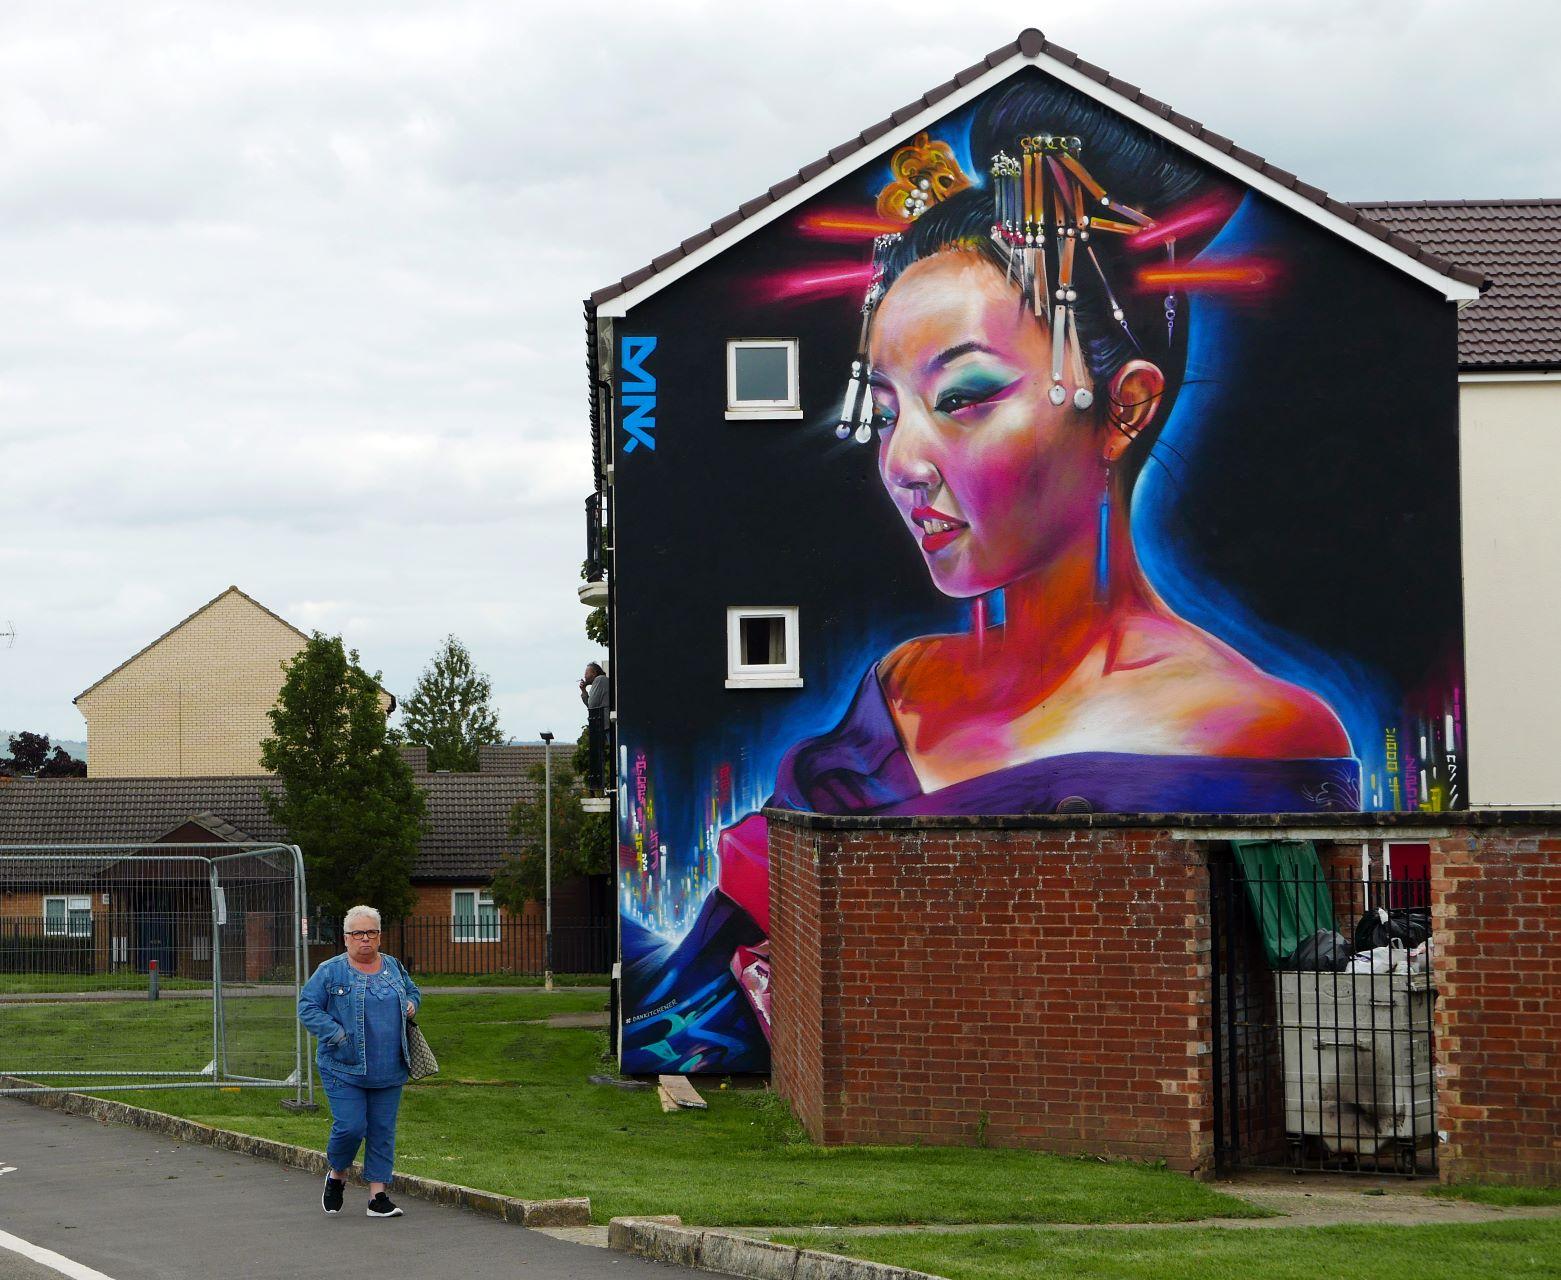 Cheltenham Paint Festival Street Art, community mural